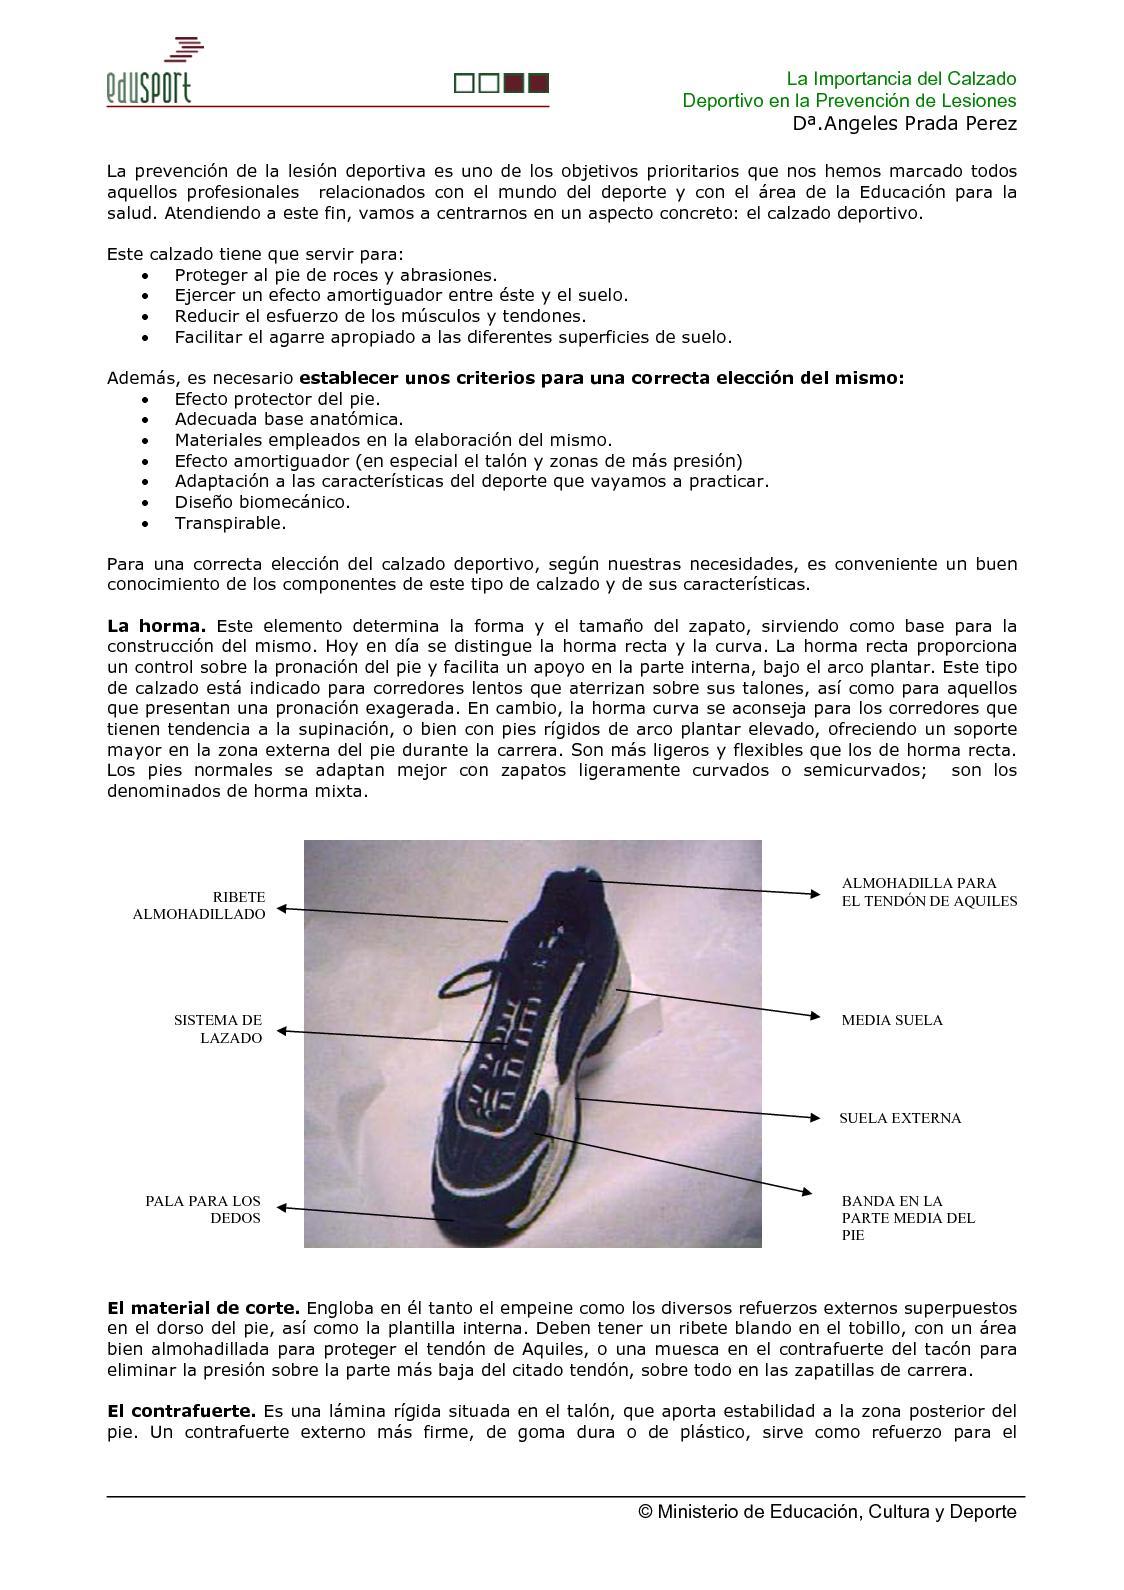 Calaméo - Vestimenta Y Calzado Deportivo